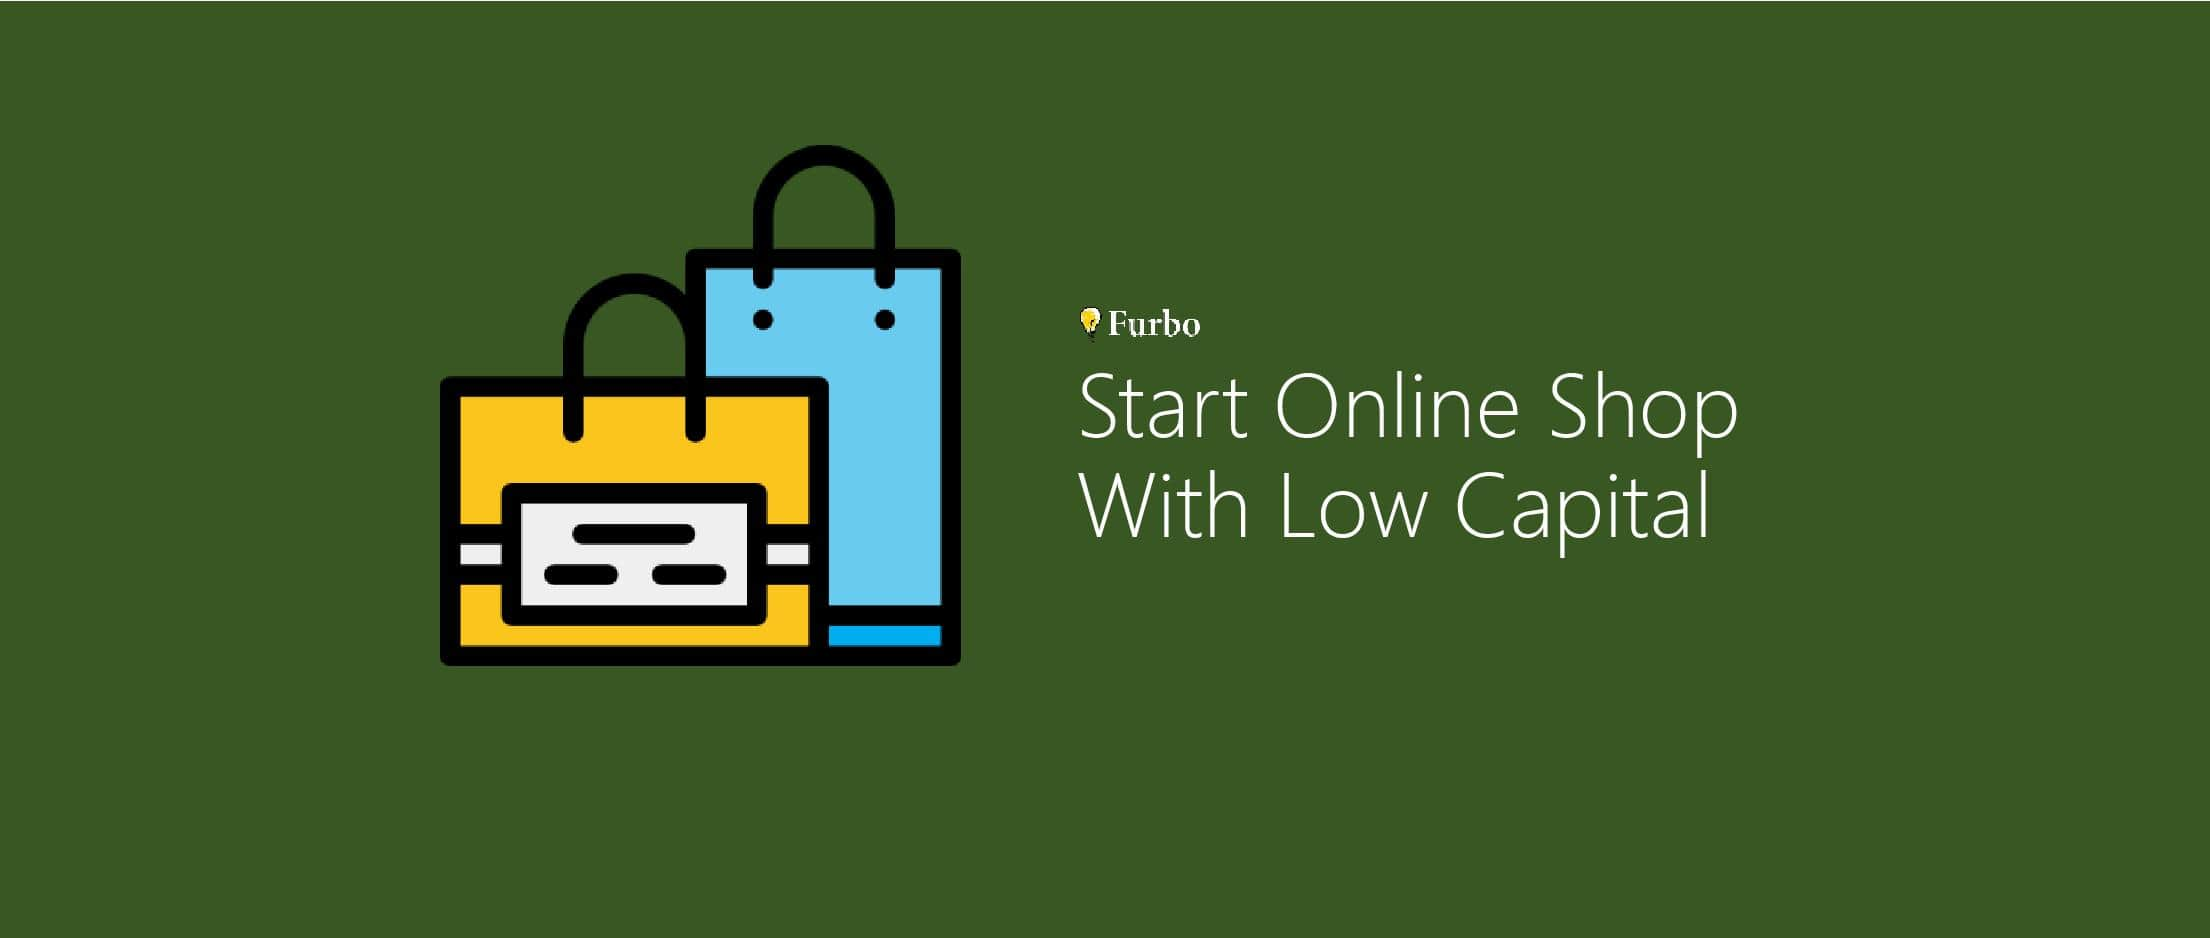 چگونه با سرمایه کم یک فروشگاه اینترنتی راه اندازی کنیم؟